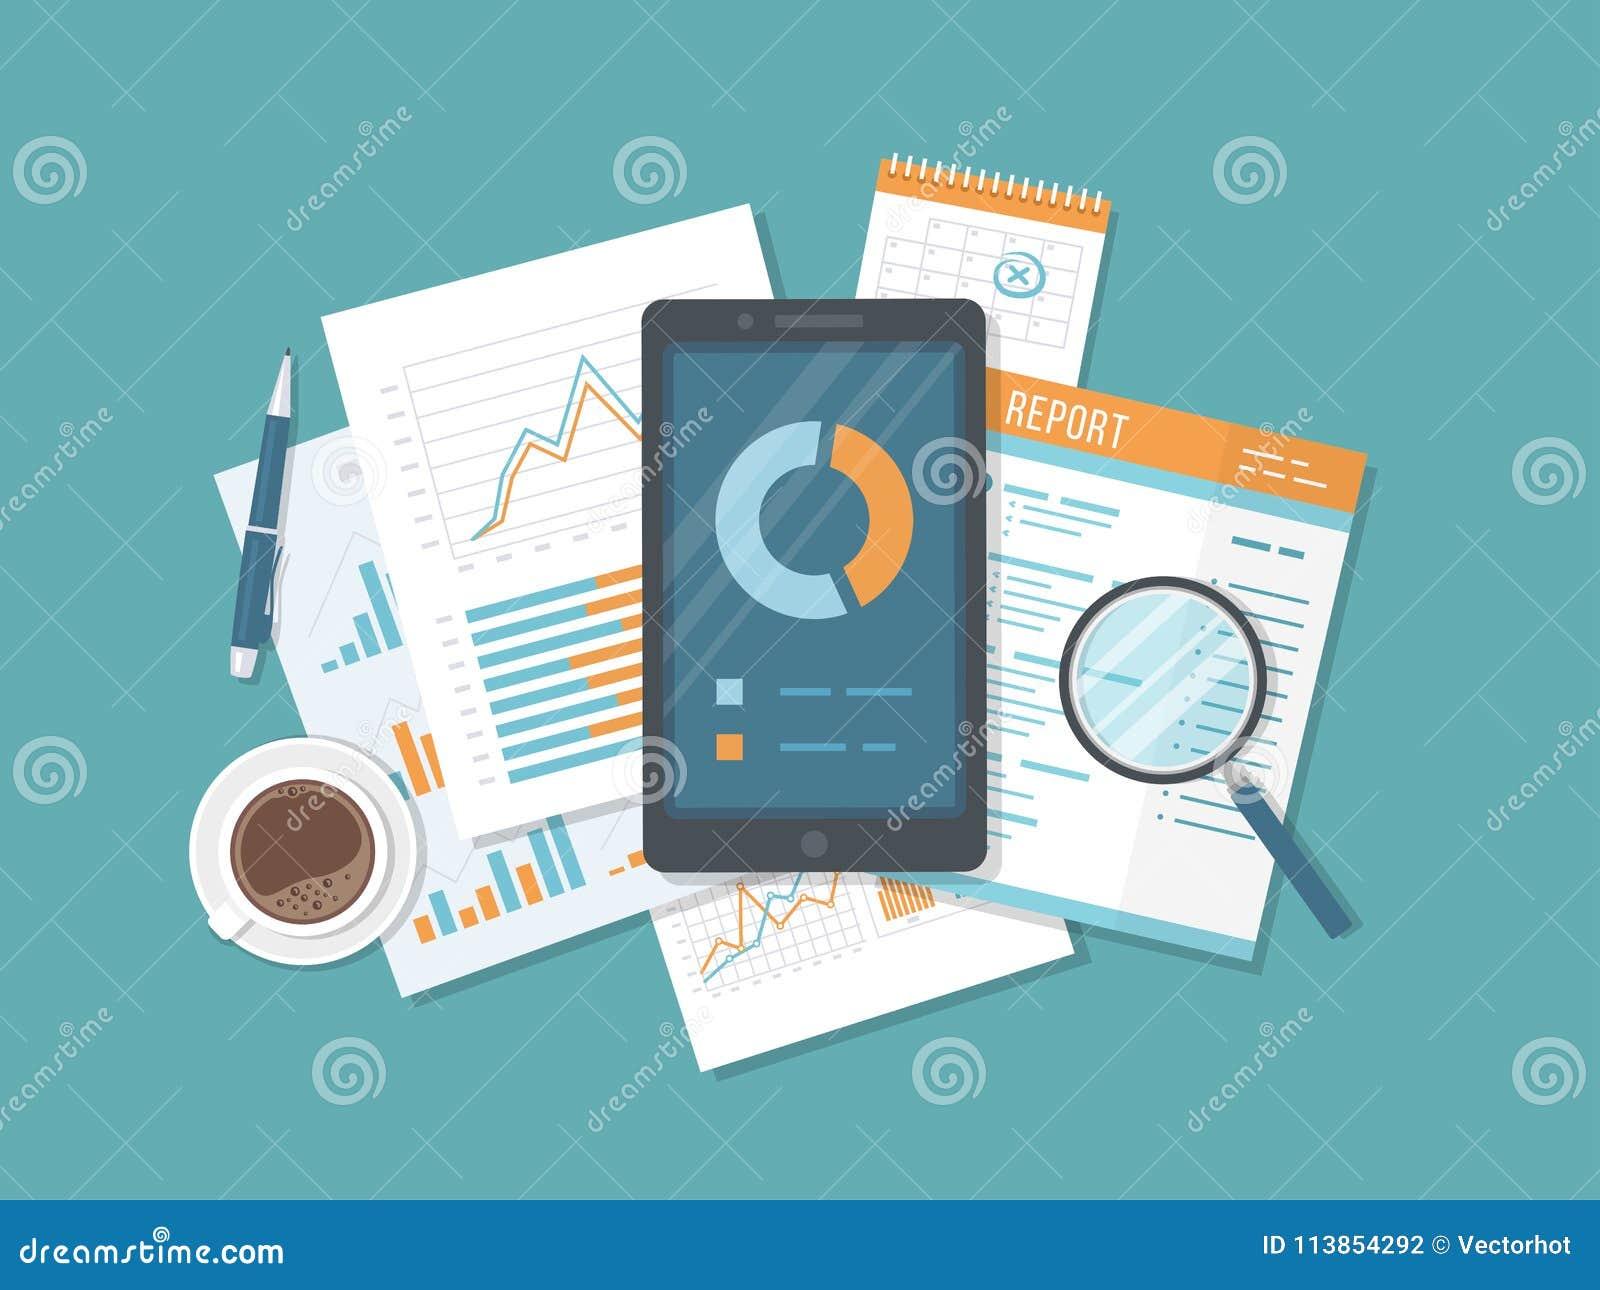 Mobiele controle, gegevensanalyse, statistieken, onderzoek Telefoon met informatie over het scherm, documenten, rapport, kalender